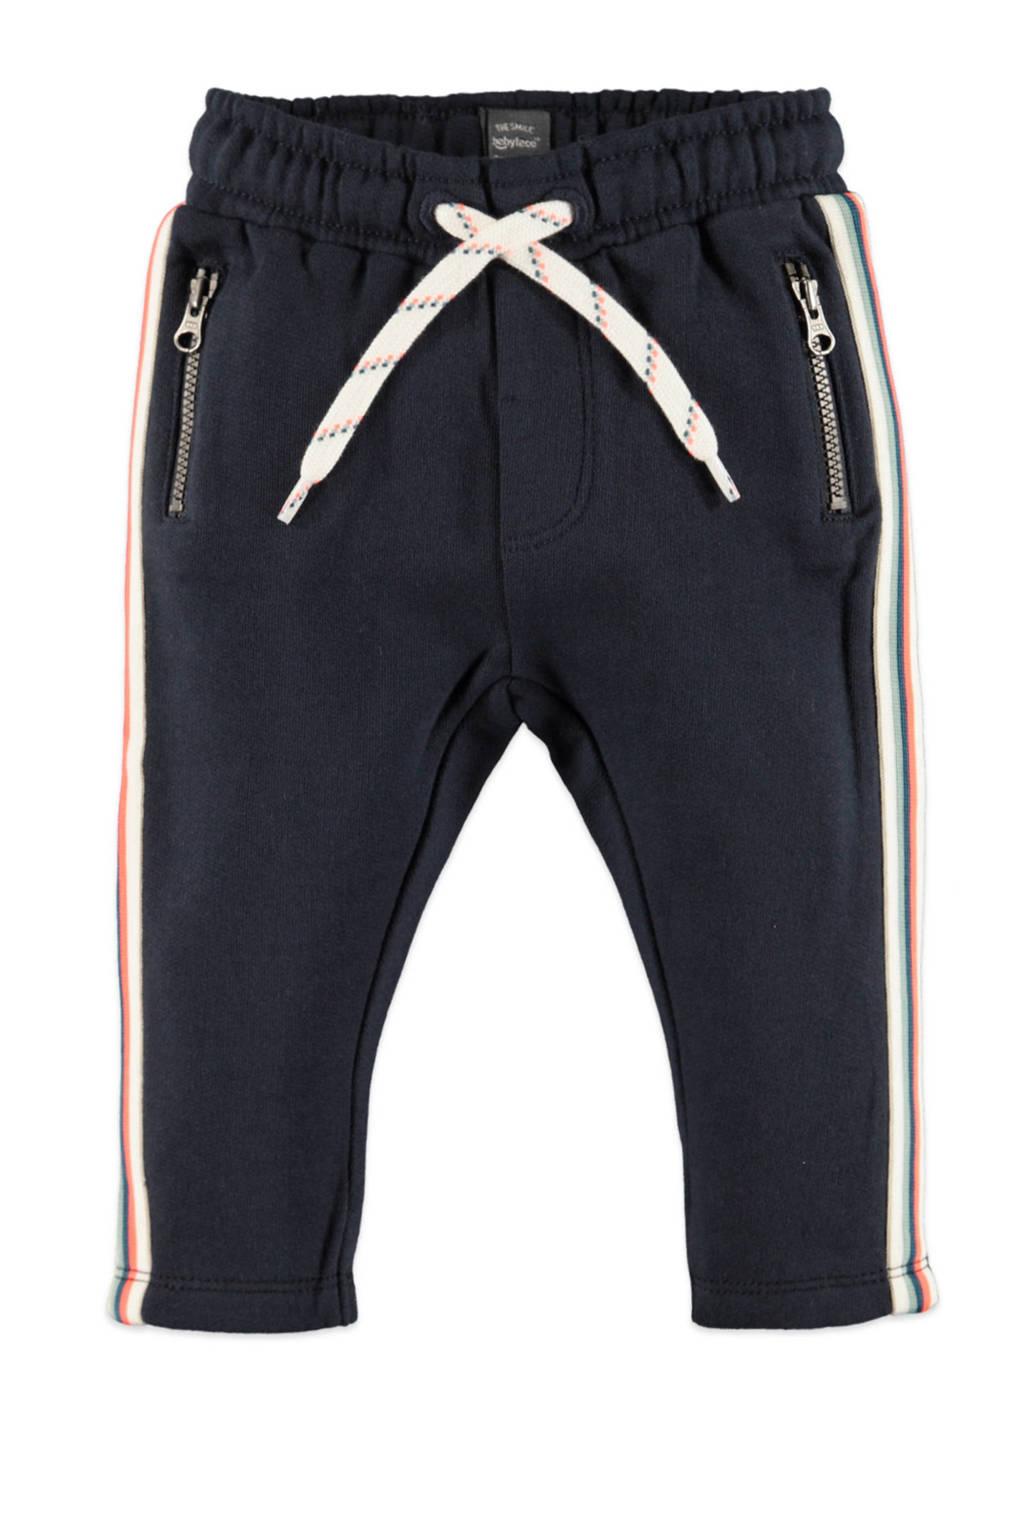 Babyface fleece regular fit broek donkerblauw/wit/groen, Donkerblauw/wit/groen